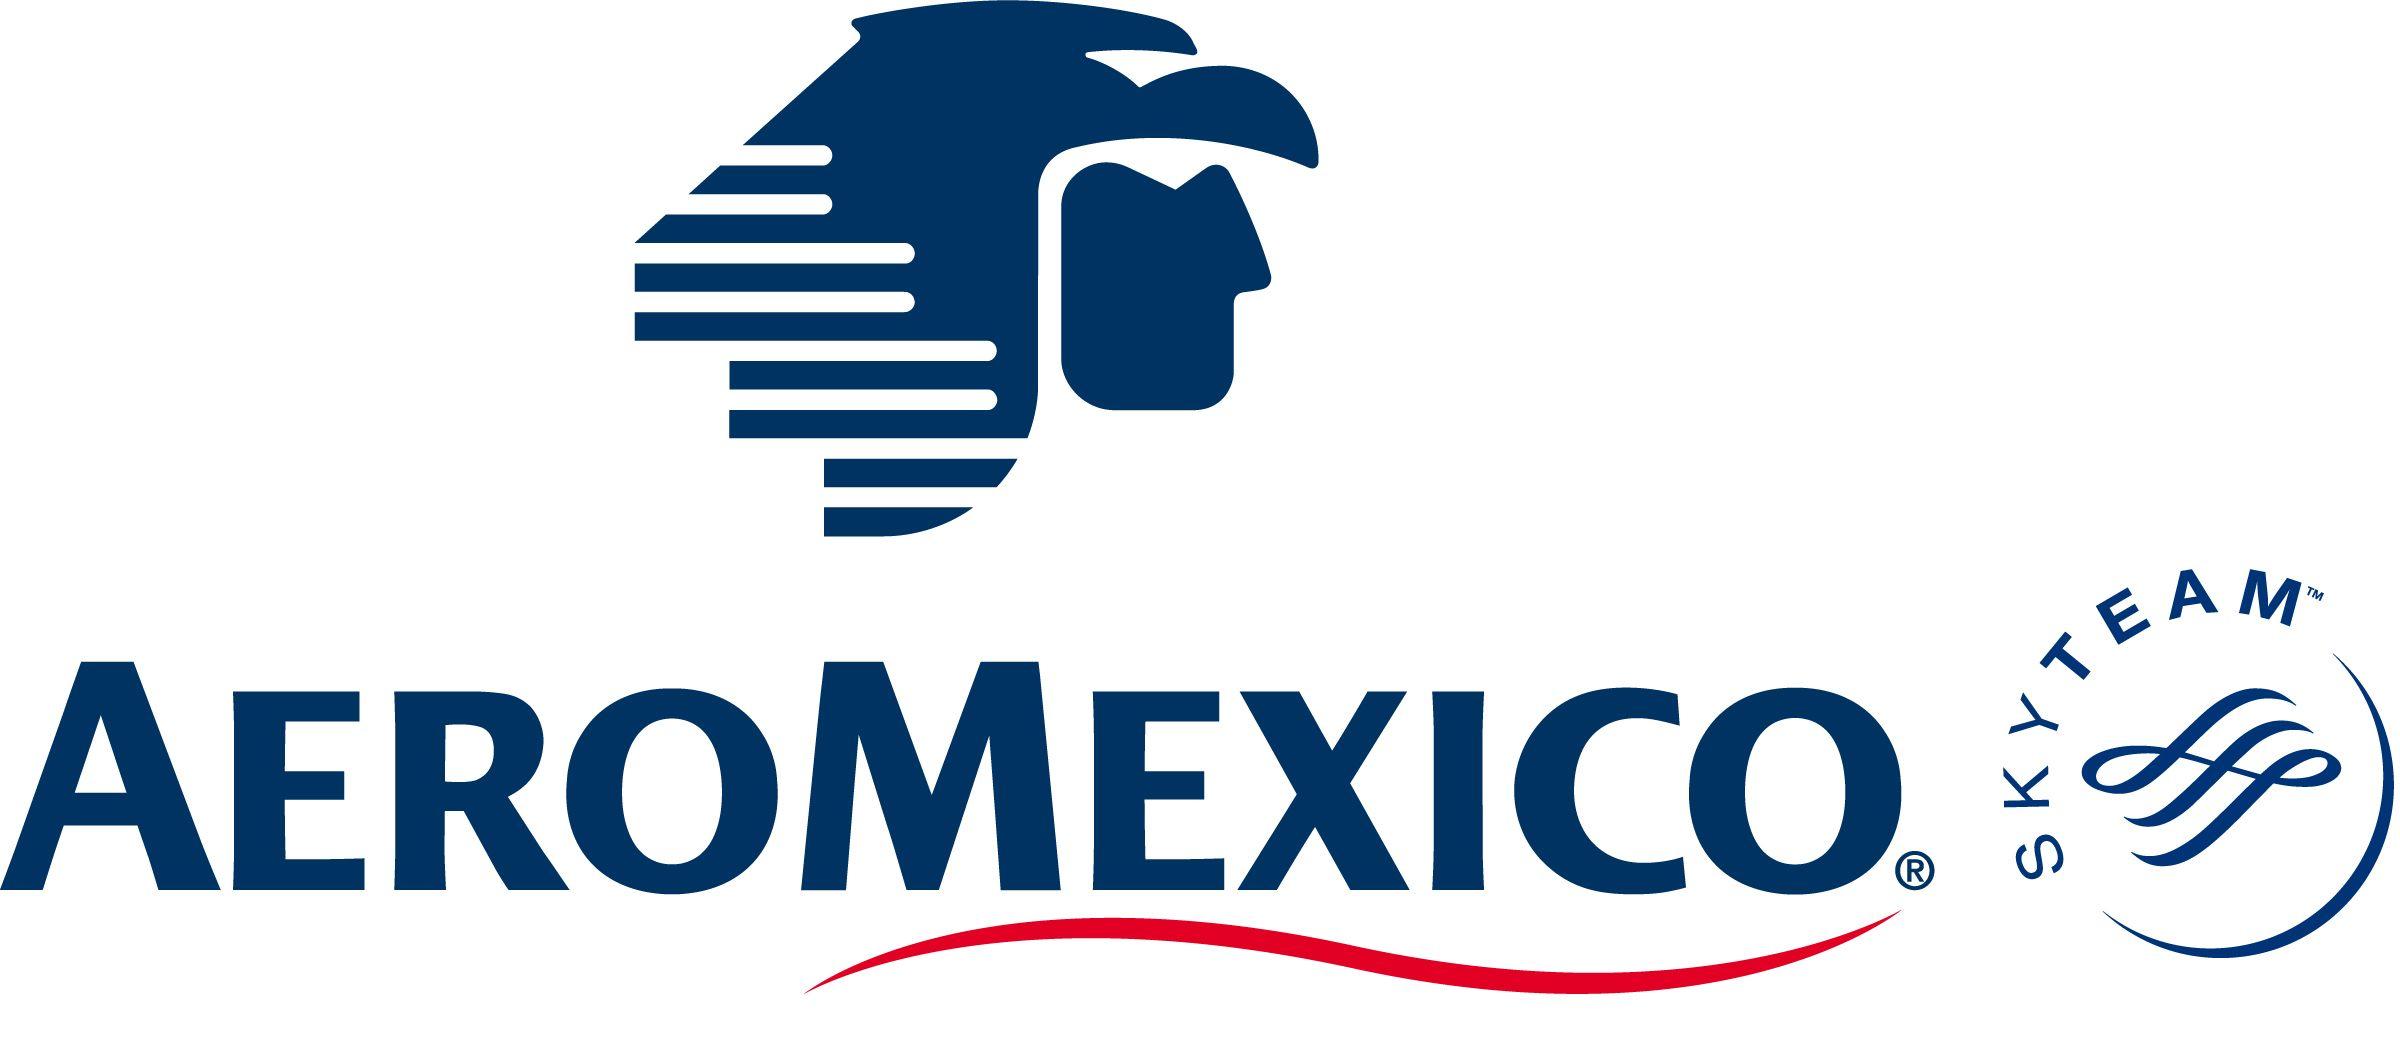 aeromexico logo - Buscar con Google